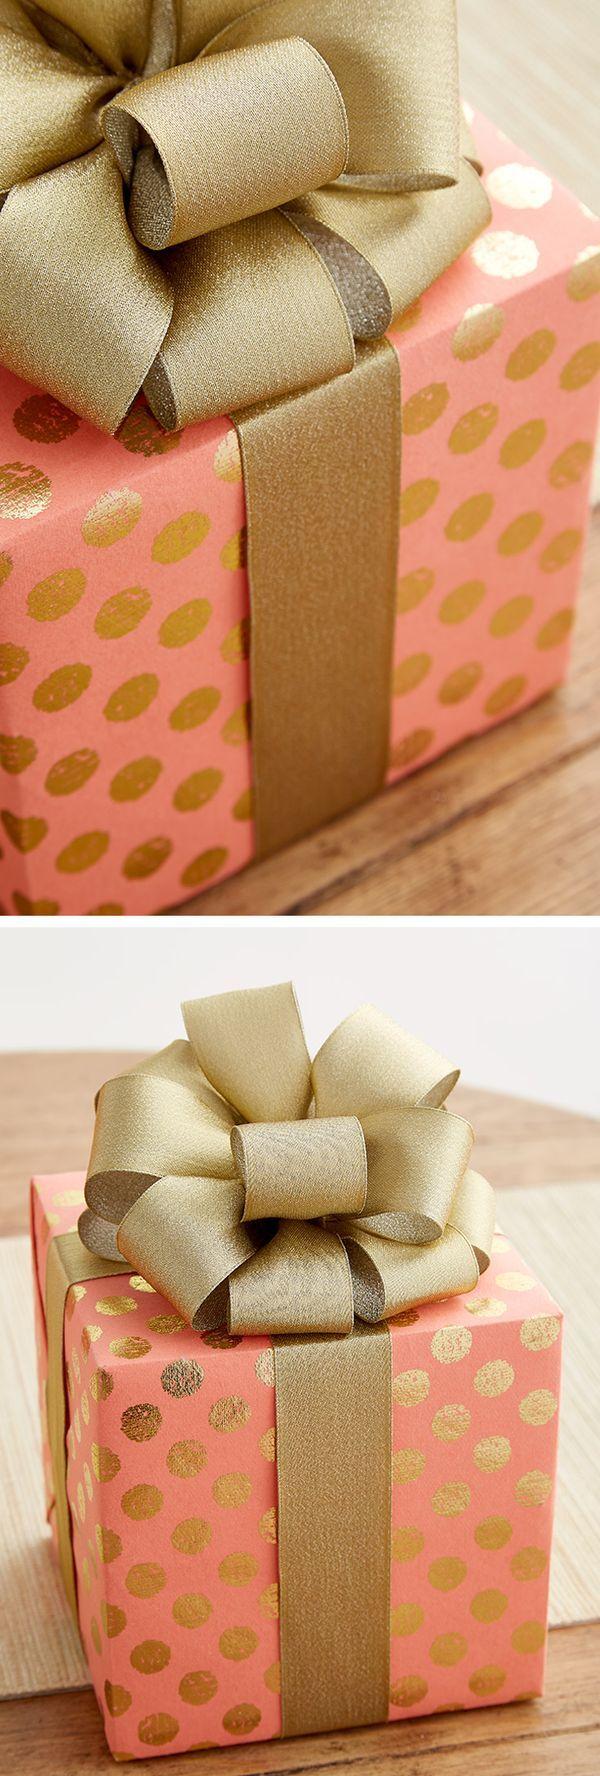 15 идей упаковать подарок - Так Просто! 21